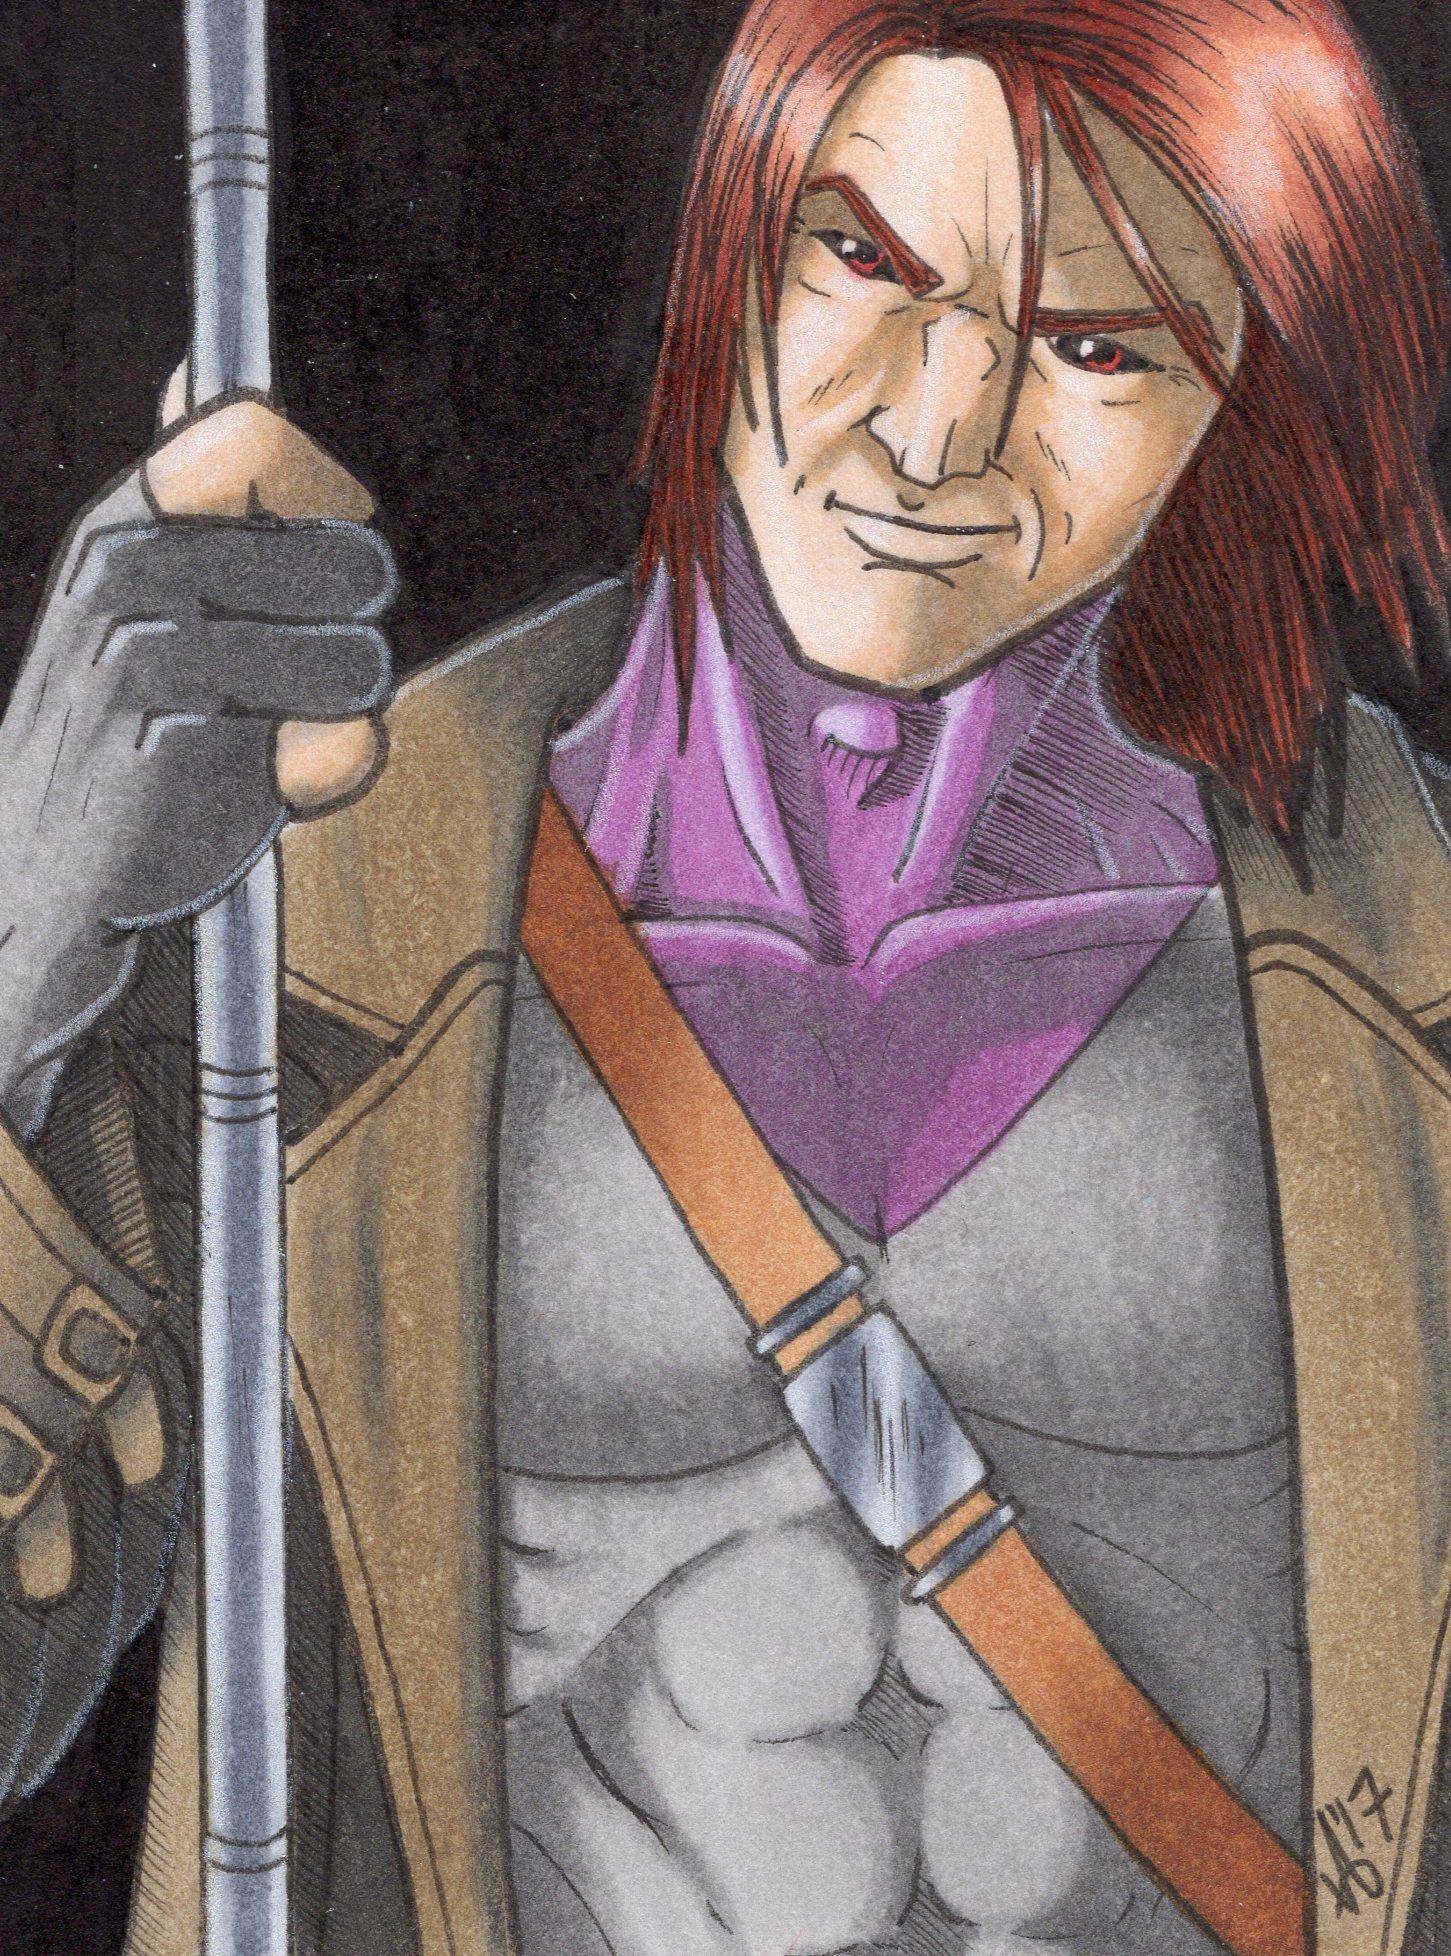 Gambit Sketchcard